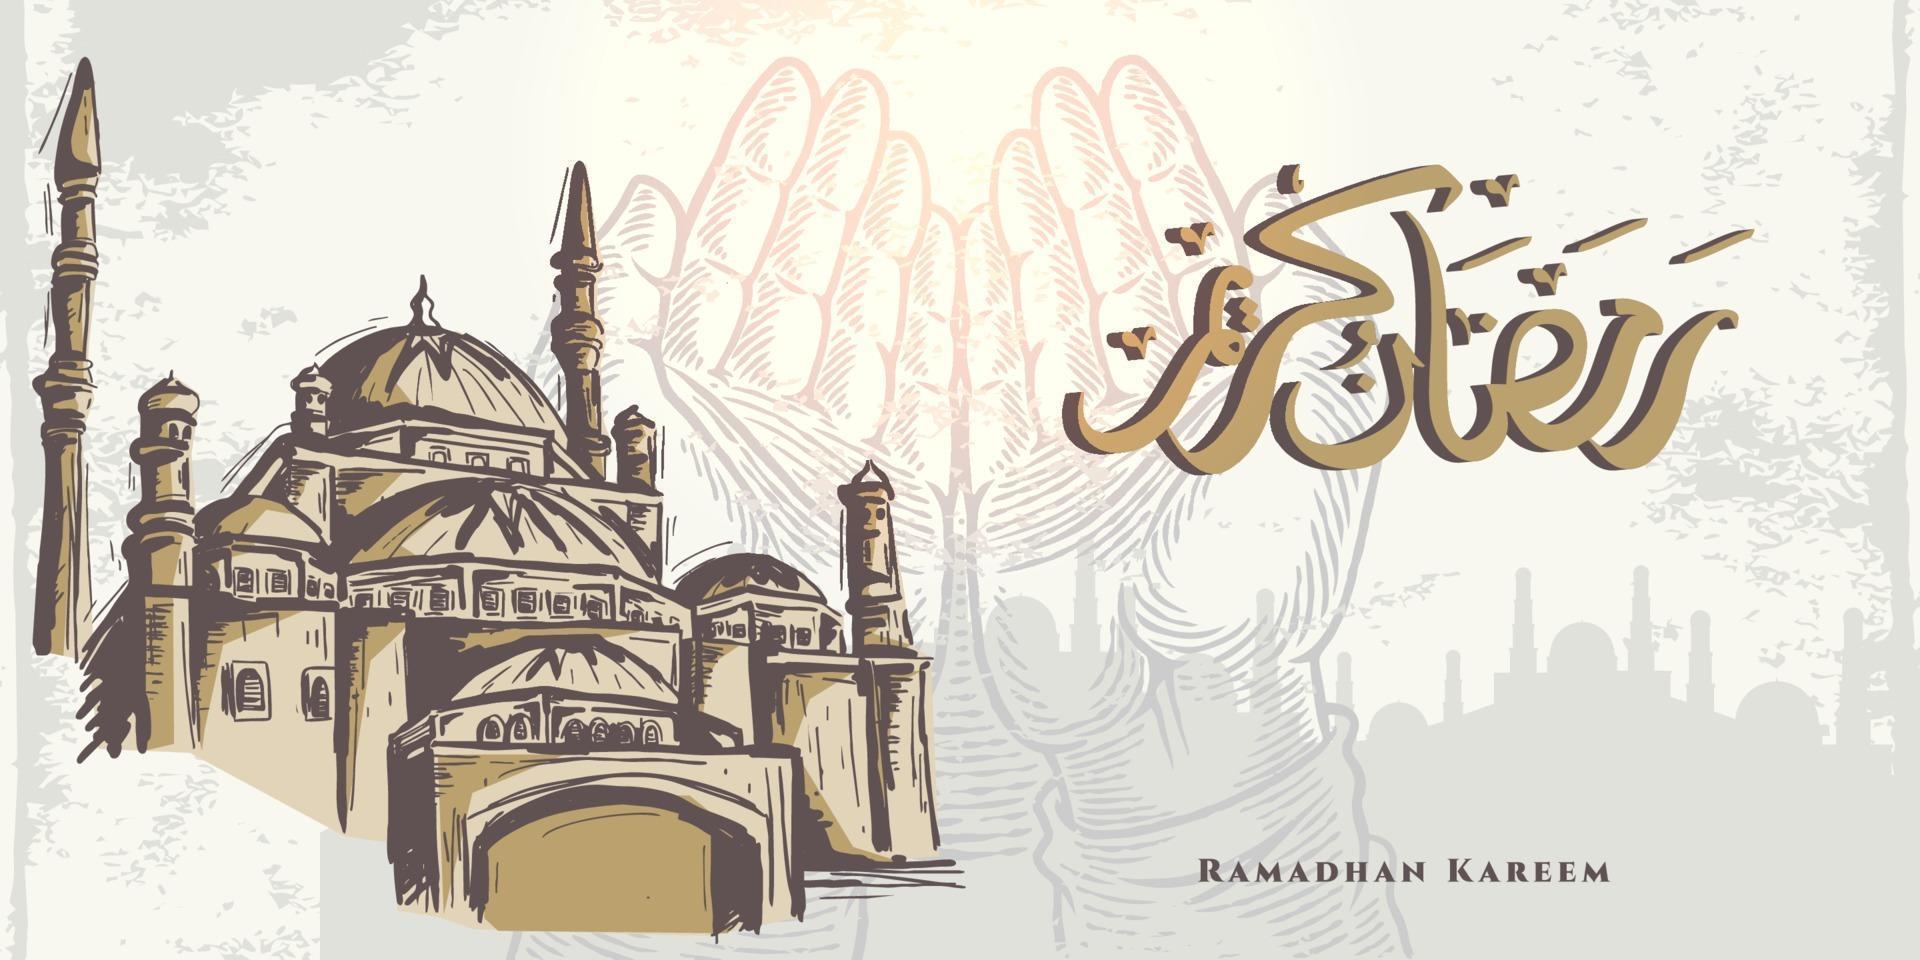 Ramadan kareem saudação cartão com mão orando esboço mão, mesquita dourada e caligrafia árabe significa azevinho ramadan. mão desenhada esboço elegante design isolado no fundo branco. vetor